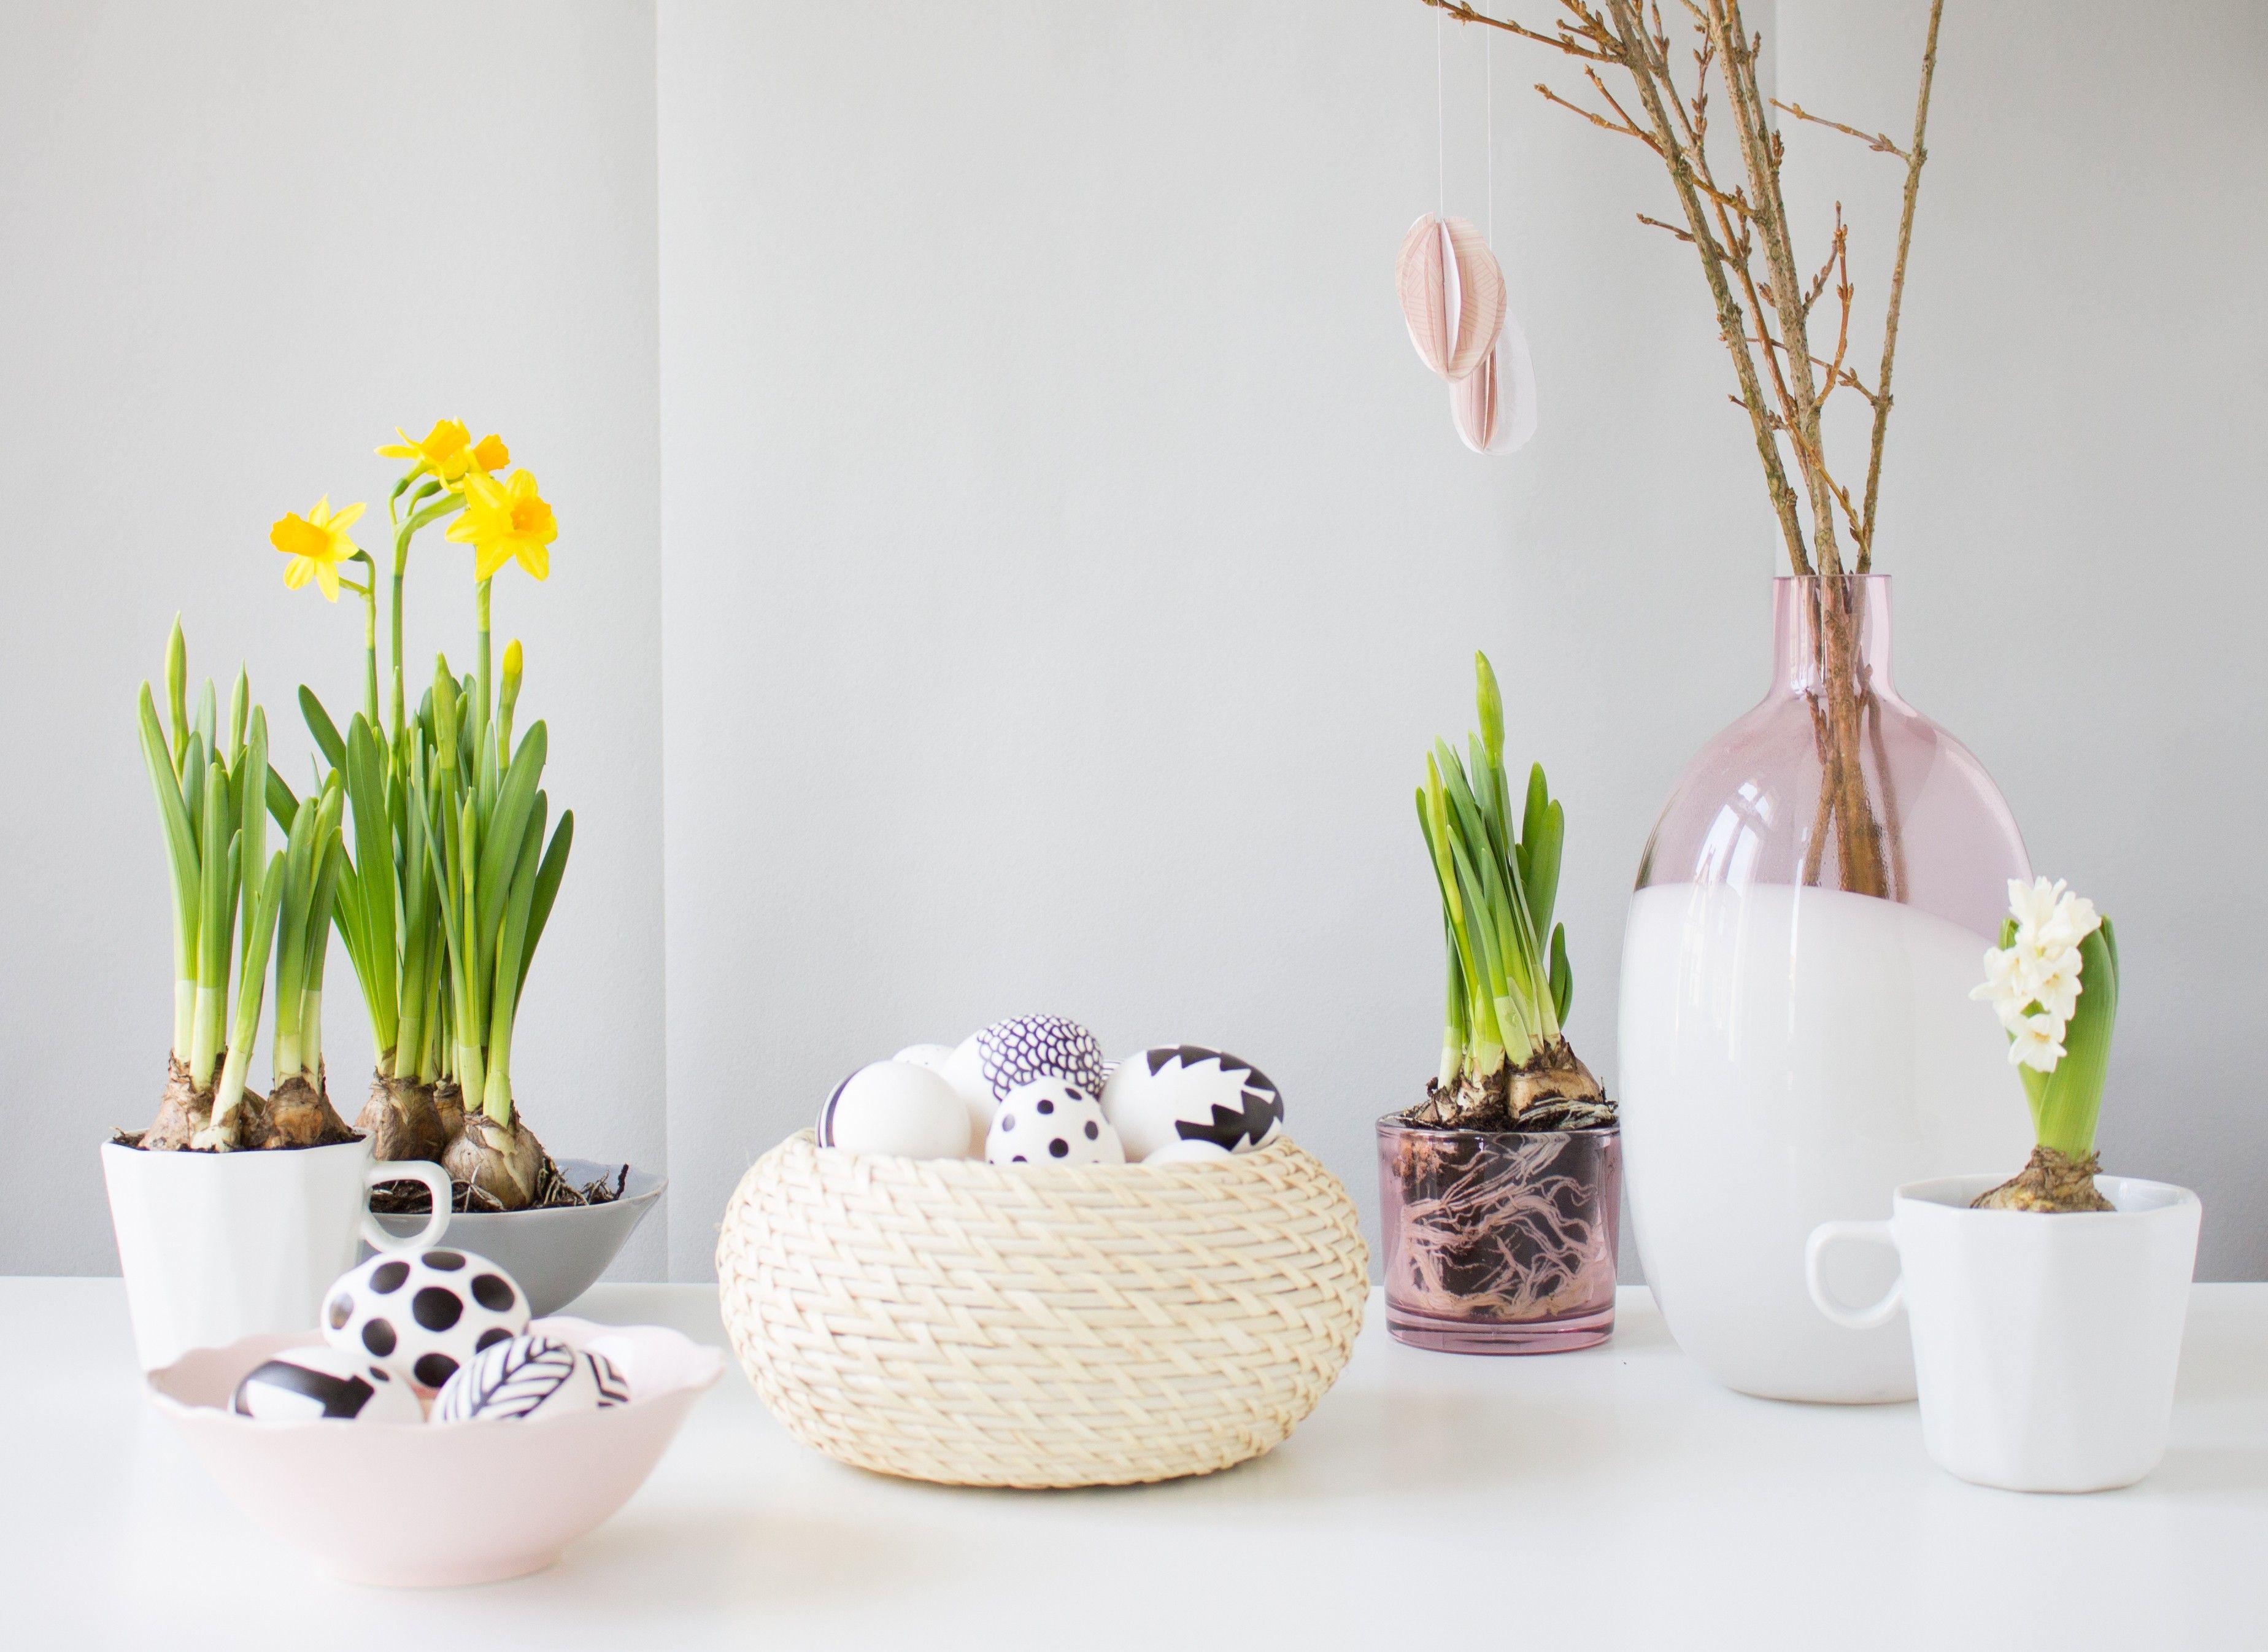 deko ideen f r ihren osterkorb 21 seltsame beispiele die sie zum basteln inspirieren. Black Bedroom Furniture Sets. Home Design Ideas